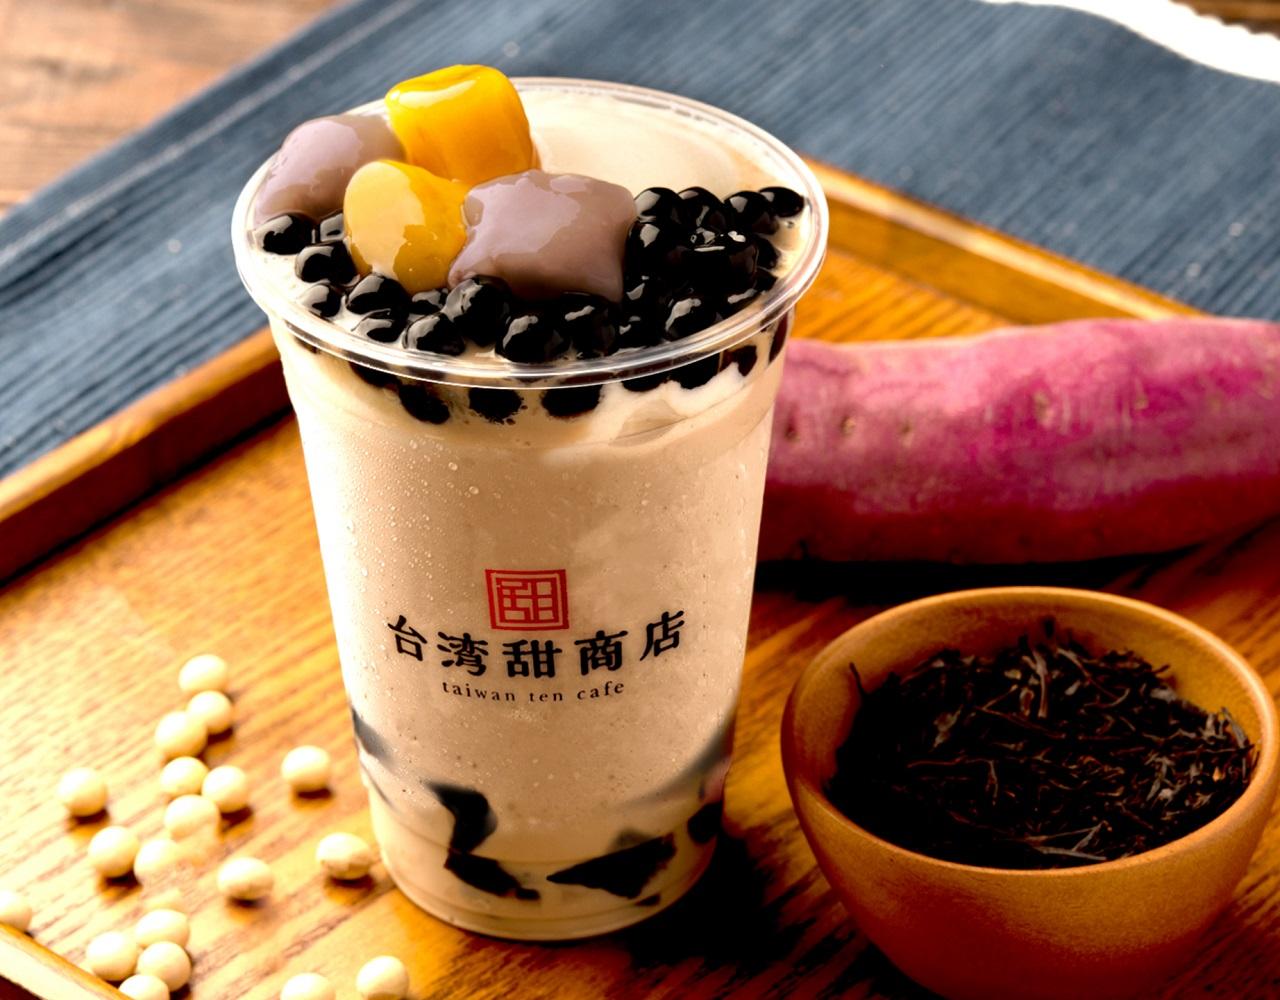 大阪でも大行列!作りたて生タピオカが美味しい台湾スイーツカフェが横浜にも